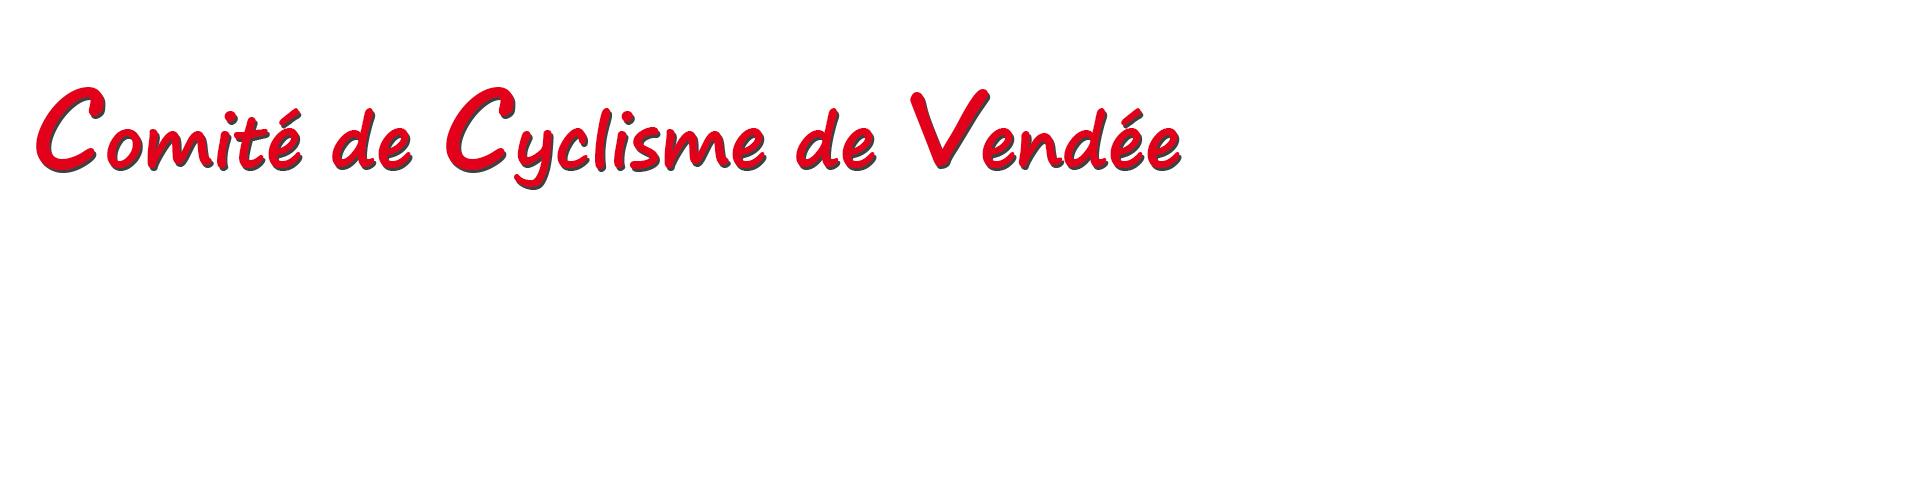 Comité De Cyclisme De Vendée Ffc